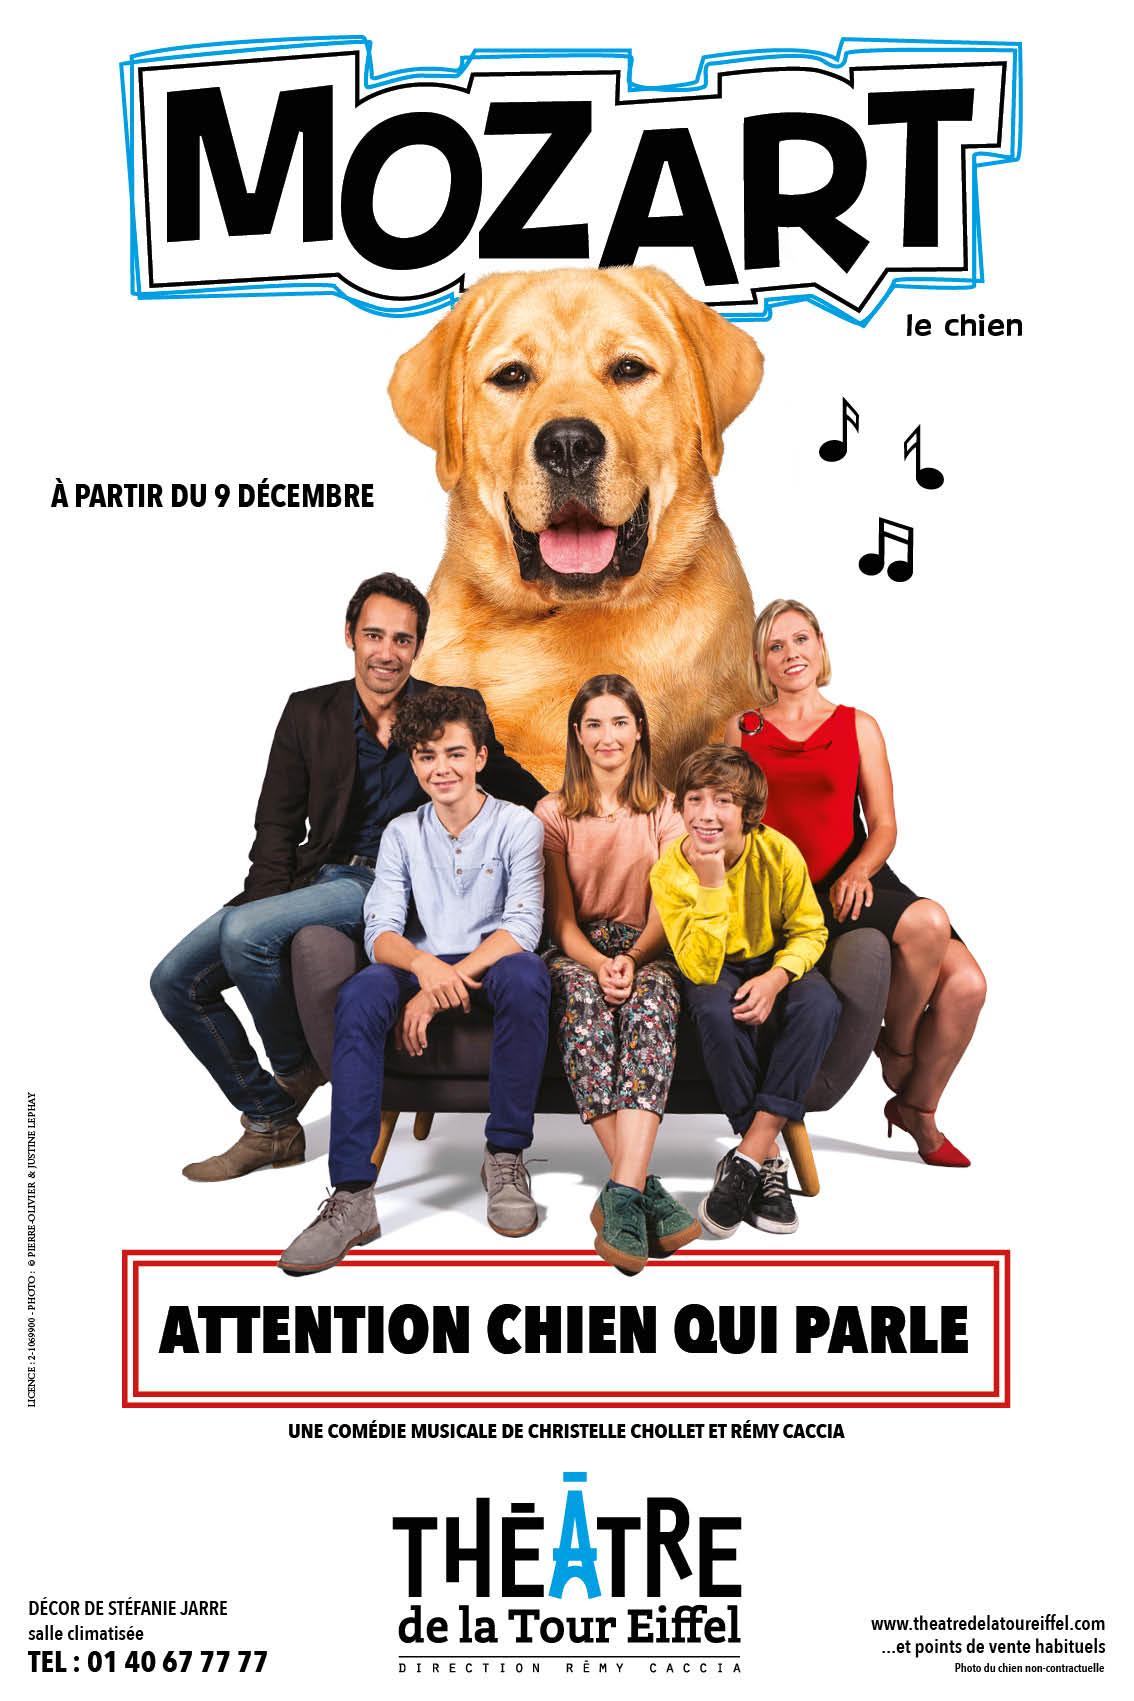 Mozart le chien